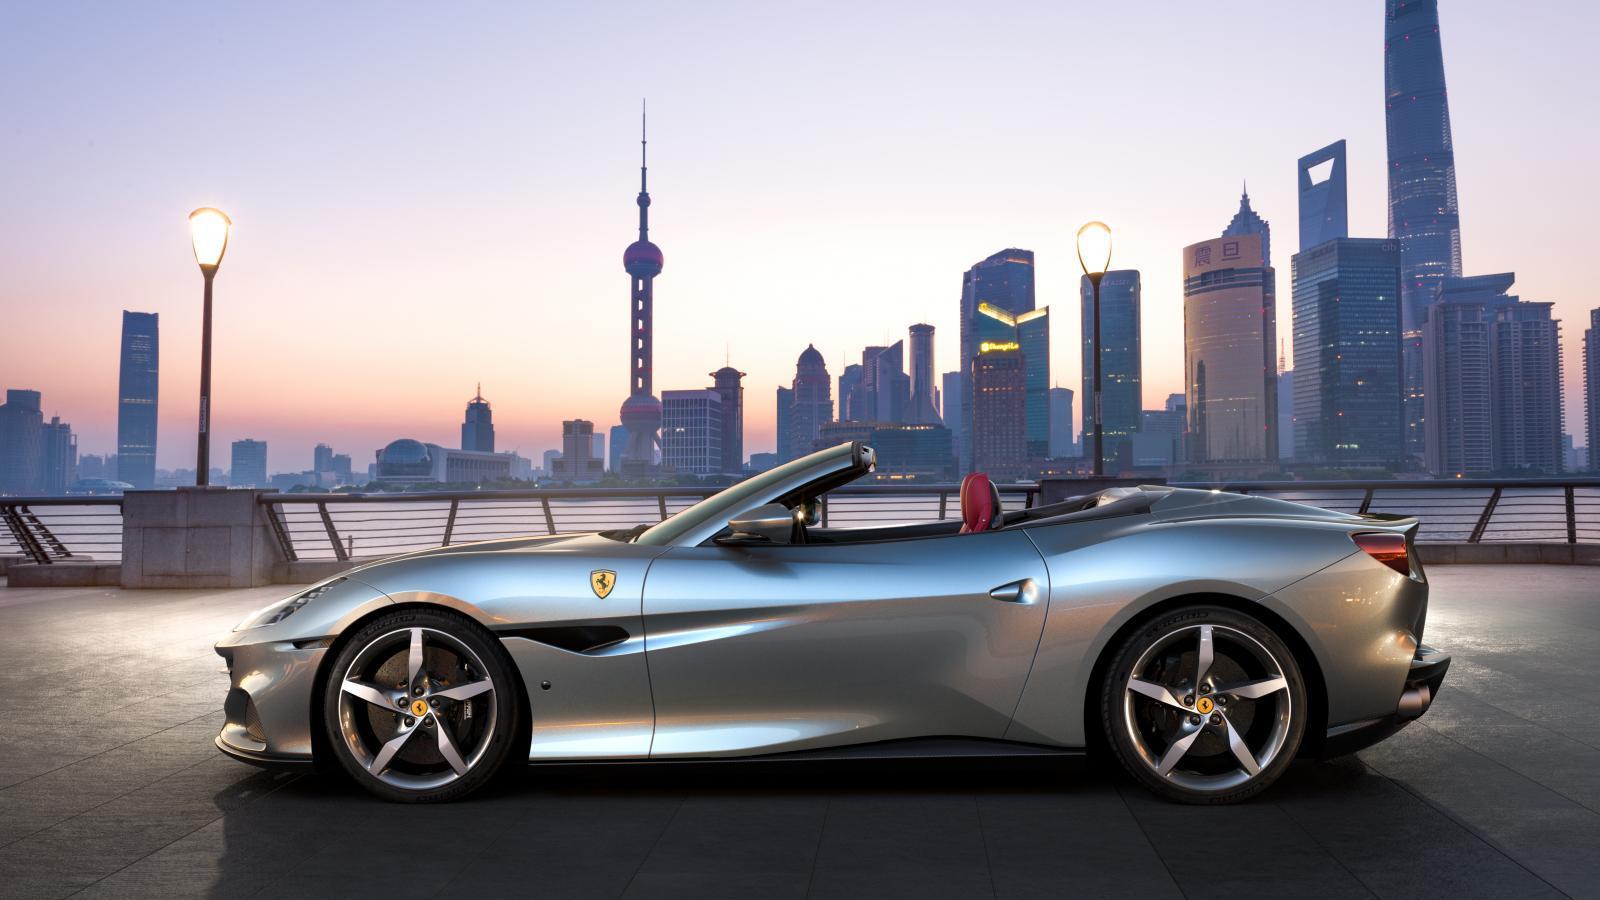 คาวาลลิโน มอเตอร์ เปิดตัวม้าลำพองเปิดประทุนสายพันธุ์เรซซิ่ง Ferrari Portofino M ผลงานชิ้นเอกจากมาราเนลโลสู่ประเทศไทย ชื่นชมสัญลักษณ์แห่งการเดินทางเพื่อการค้นพบครั้งใหม่  ผ่าน Live Streaming 8 ก.ค.นี้